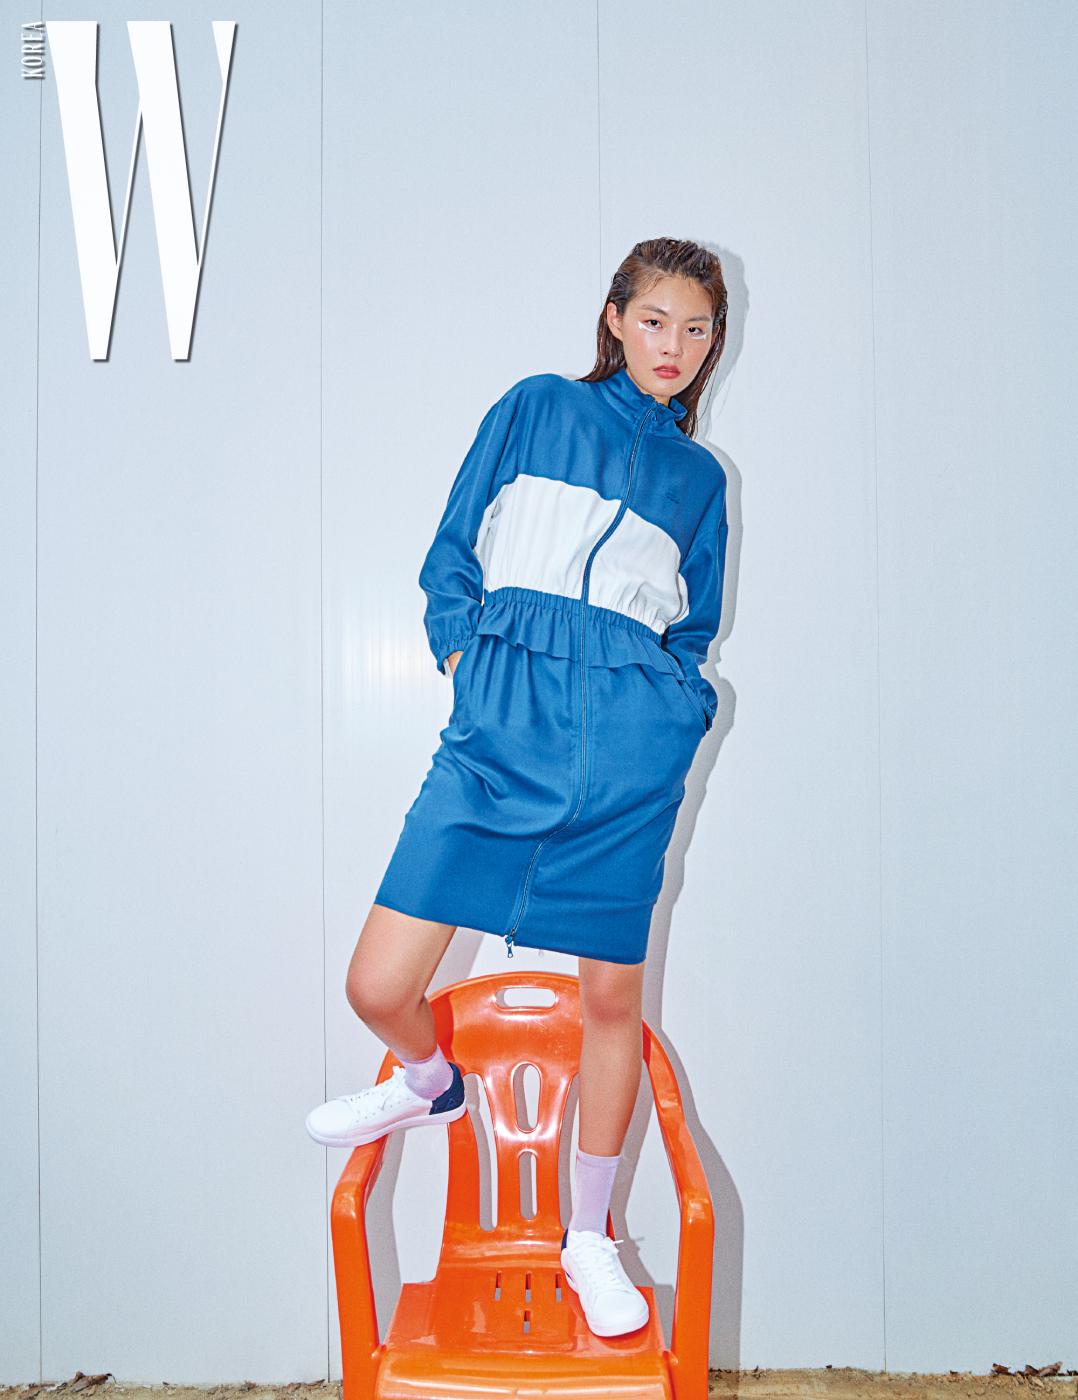 흰색과 파란색의 대비가 경쾌한 느낌을 주는 트랙 재킷 스타일의 원피스, 네이비색 힐 부분이 특징인 하얀 스니커즈는 모두 Lacoste 제품.